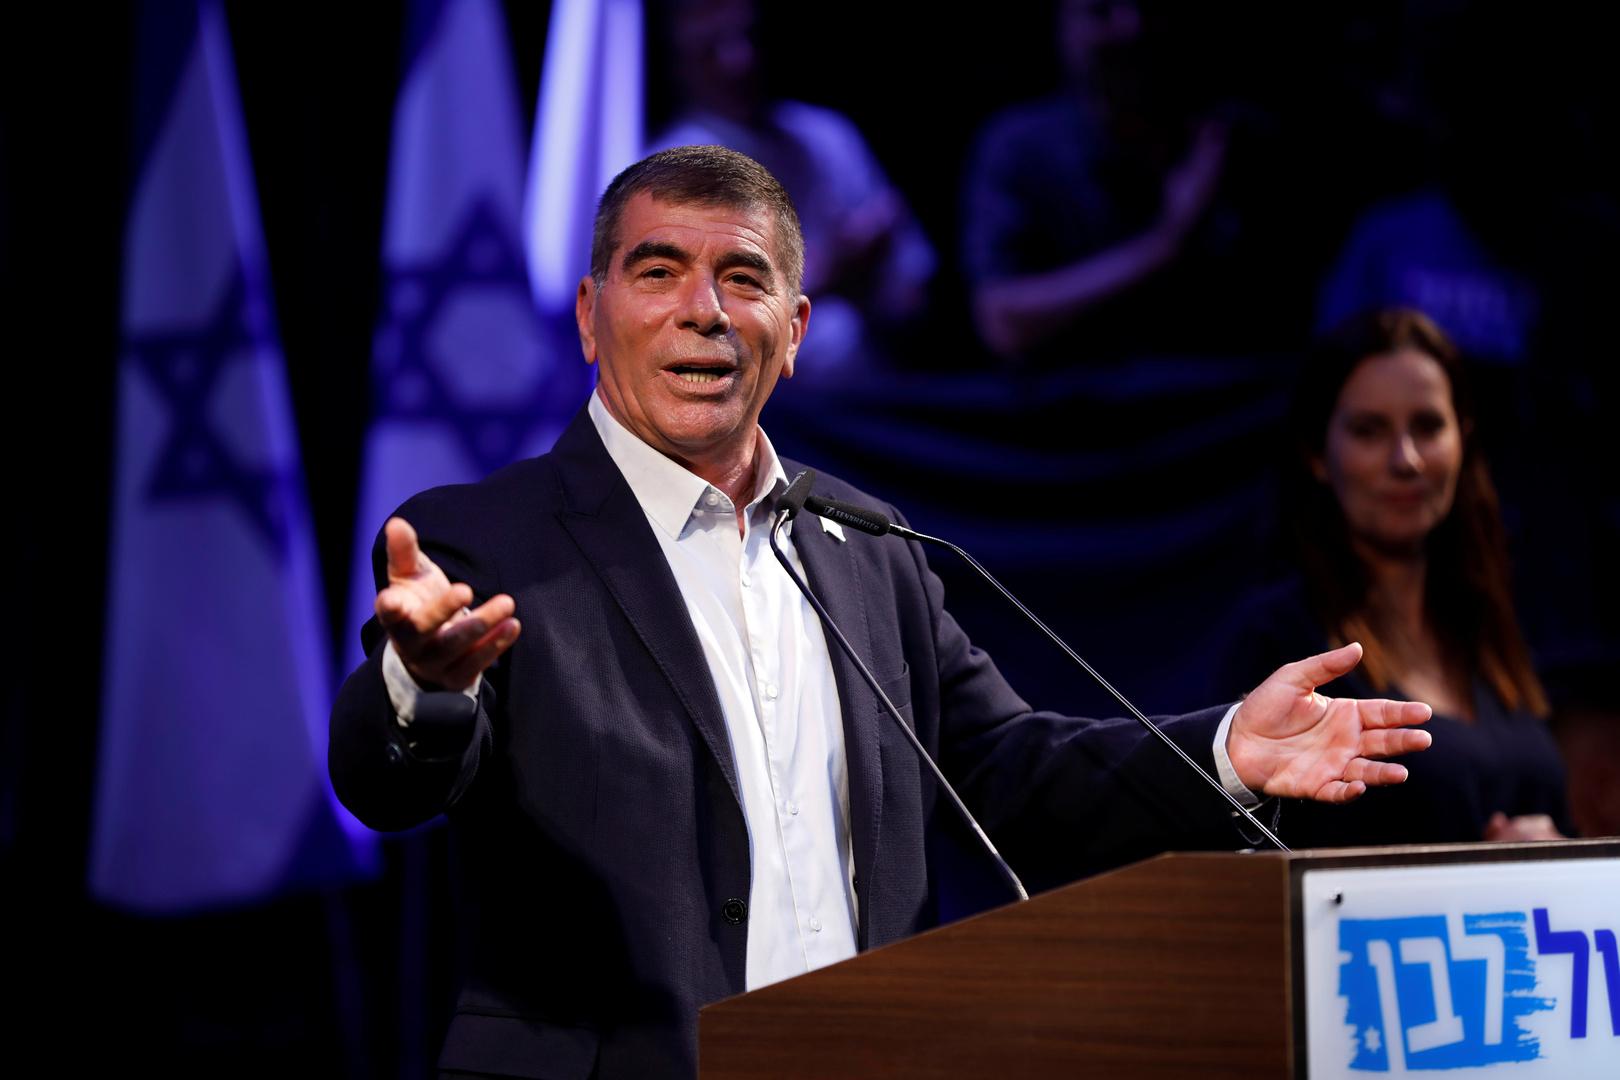 وزير الخارجية الإسرائيلي الجديد يبحث مع لافروف قضايا دولية وإقليمية